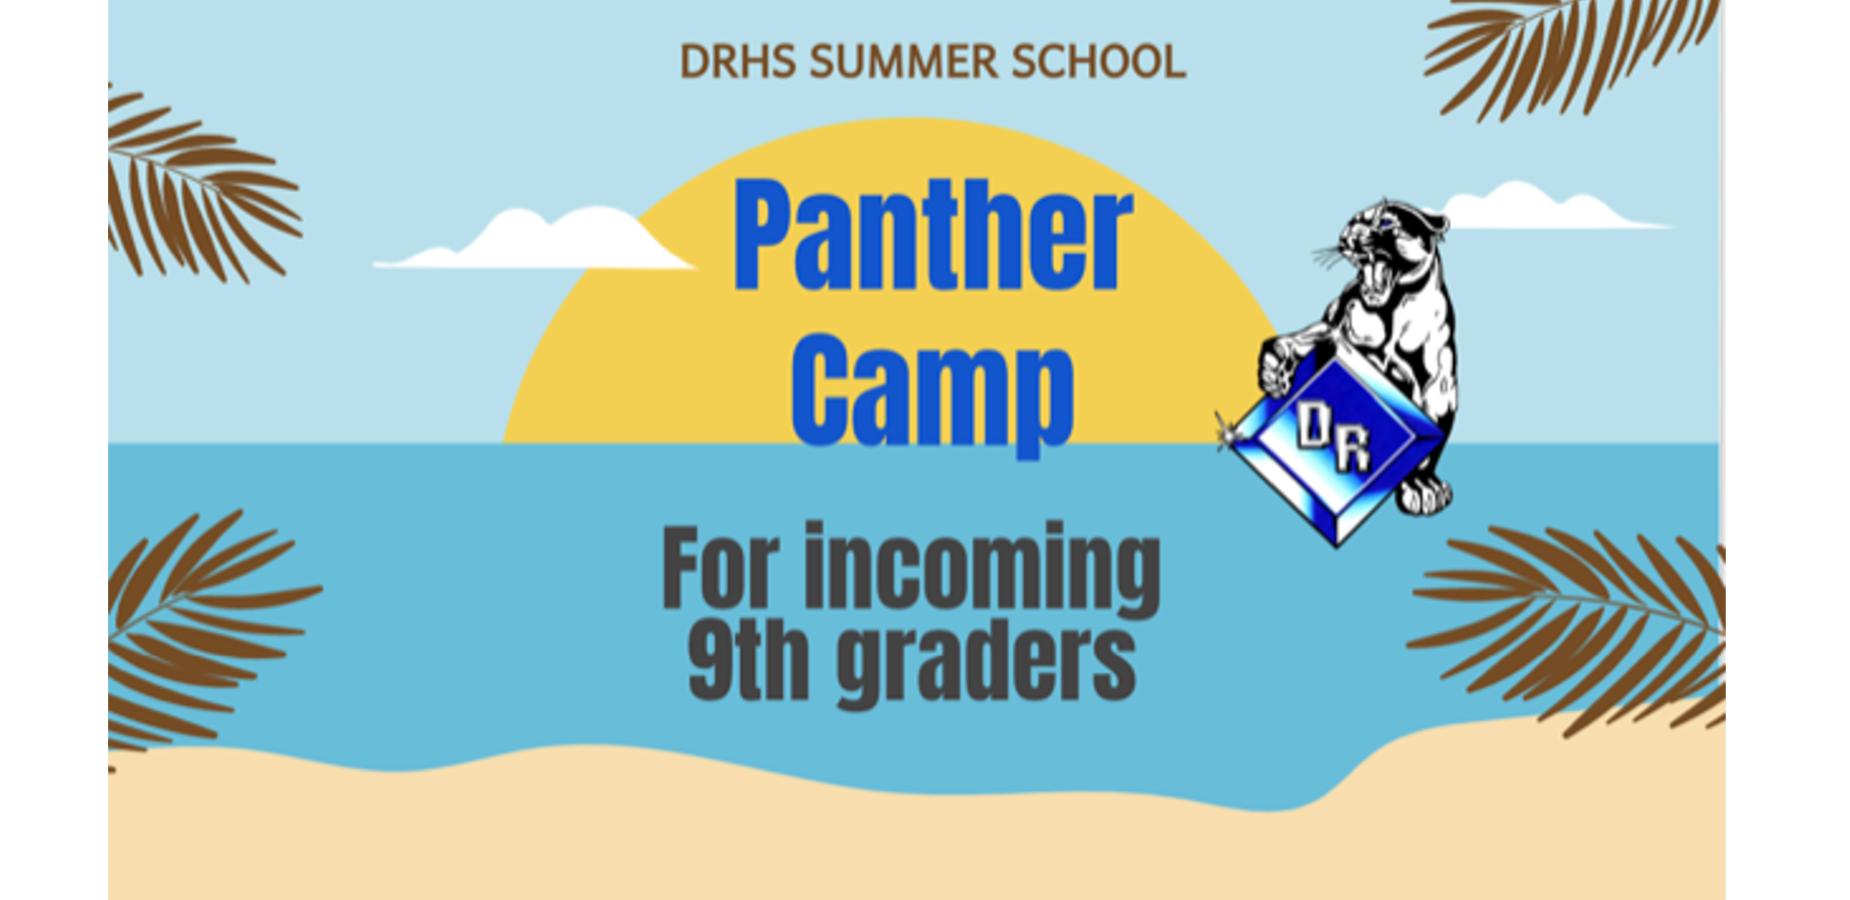 Panther Camp